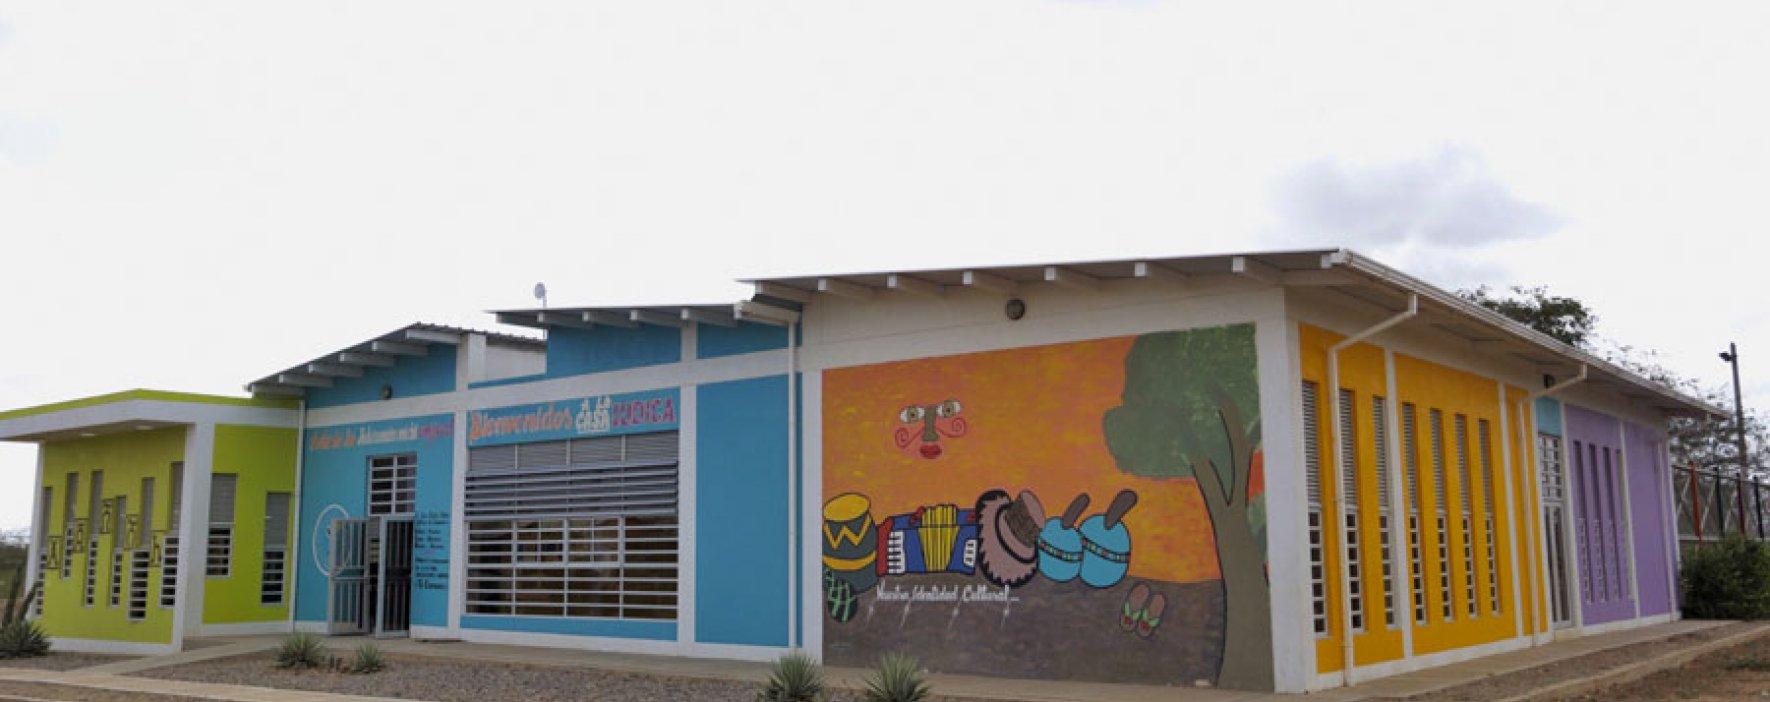 Casas Lúdicas: espacios protectores para los niños, niñas y adolescentes